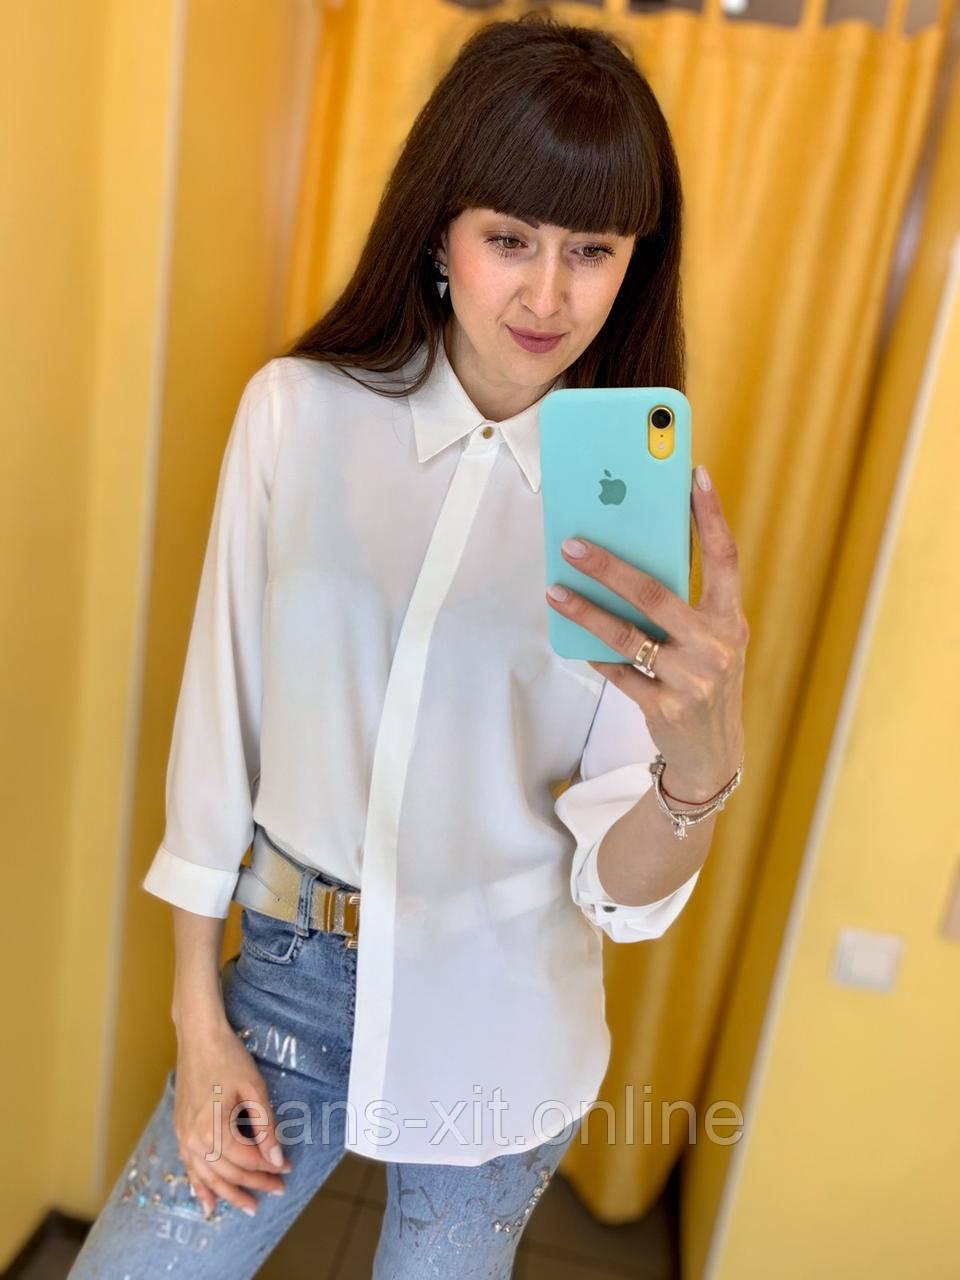 Рубашка Жін. 38(р) білий 120-1542 Туреччина Весна-C